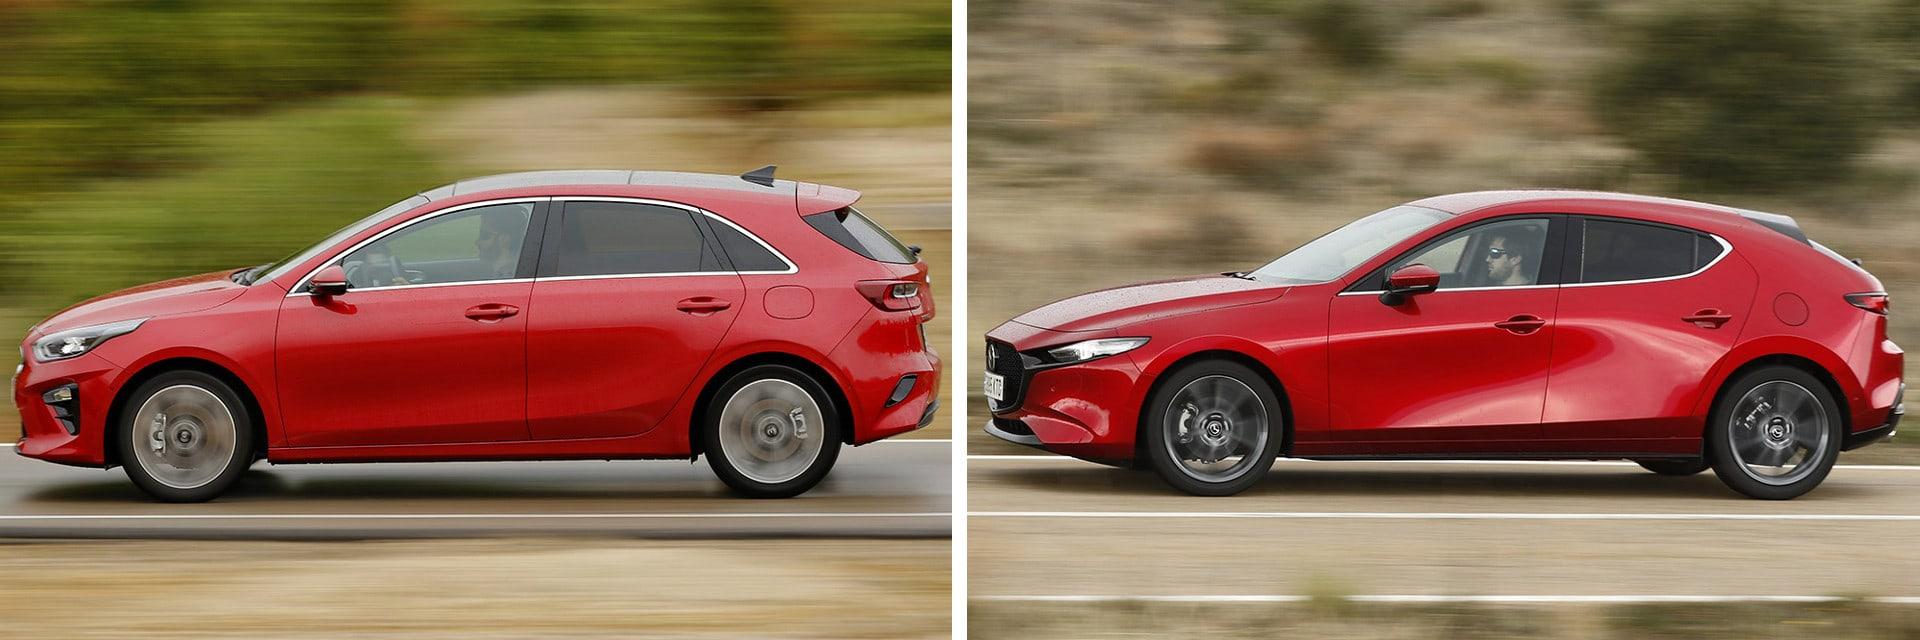 Las fotos del Kia Ceed corresponden al acabado GT Line y las del Mazda3 al Zenith. / km77